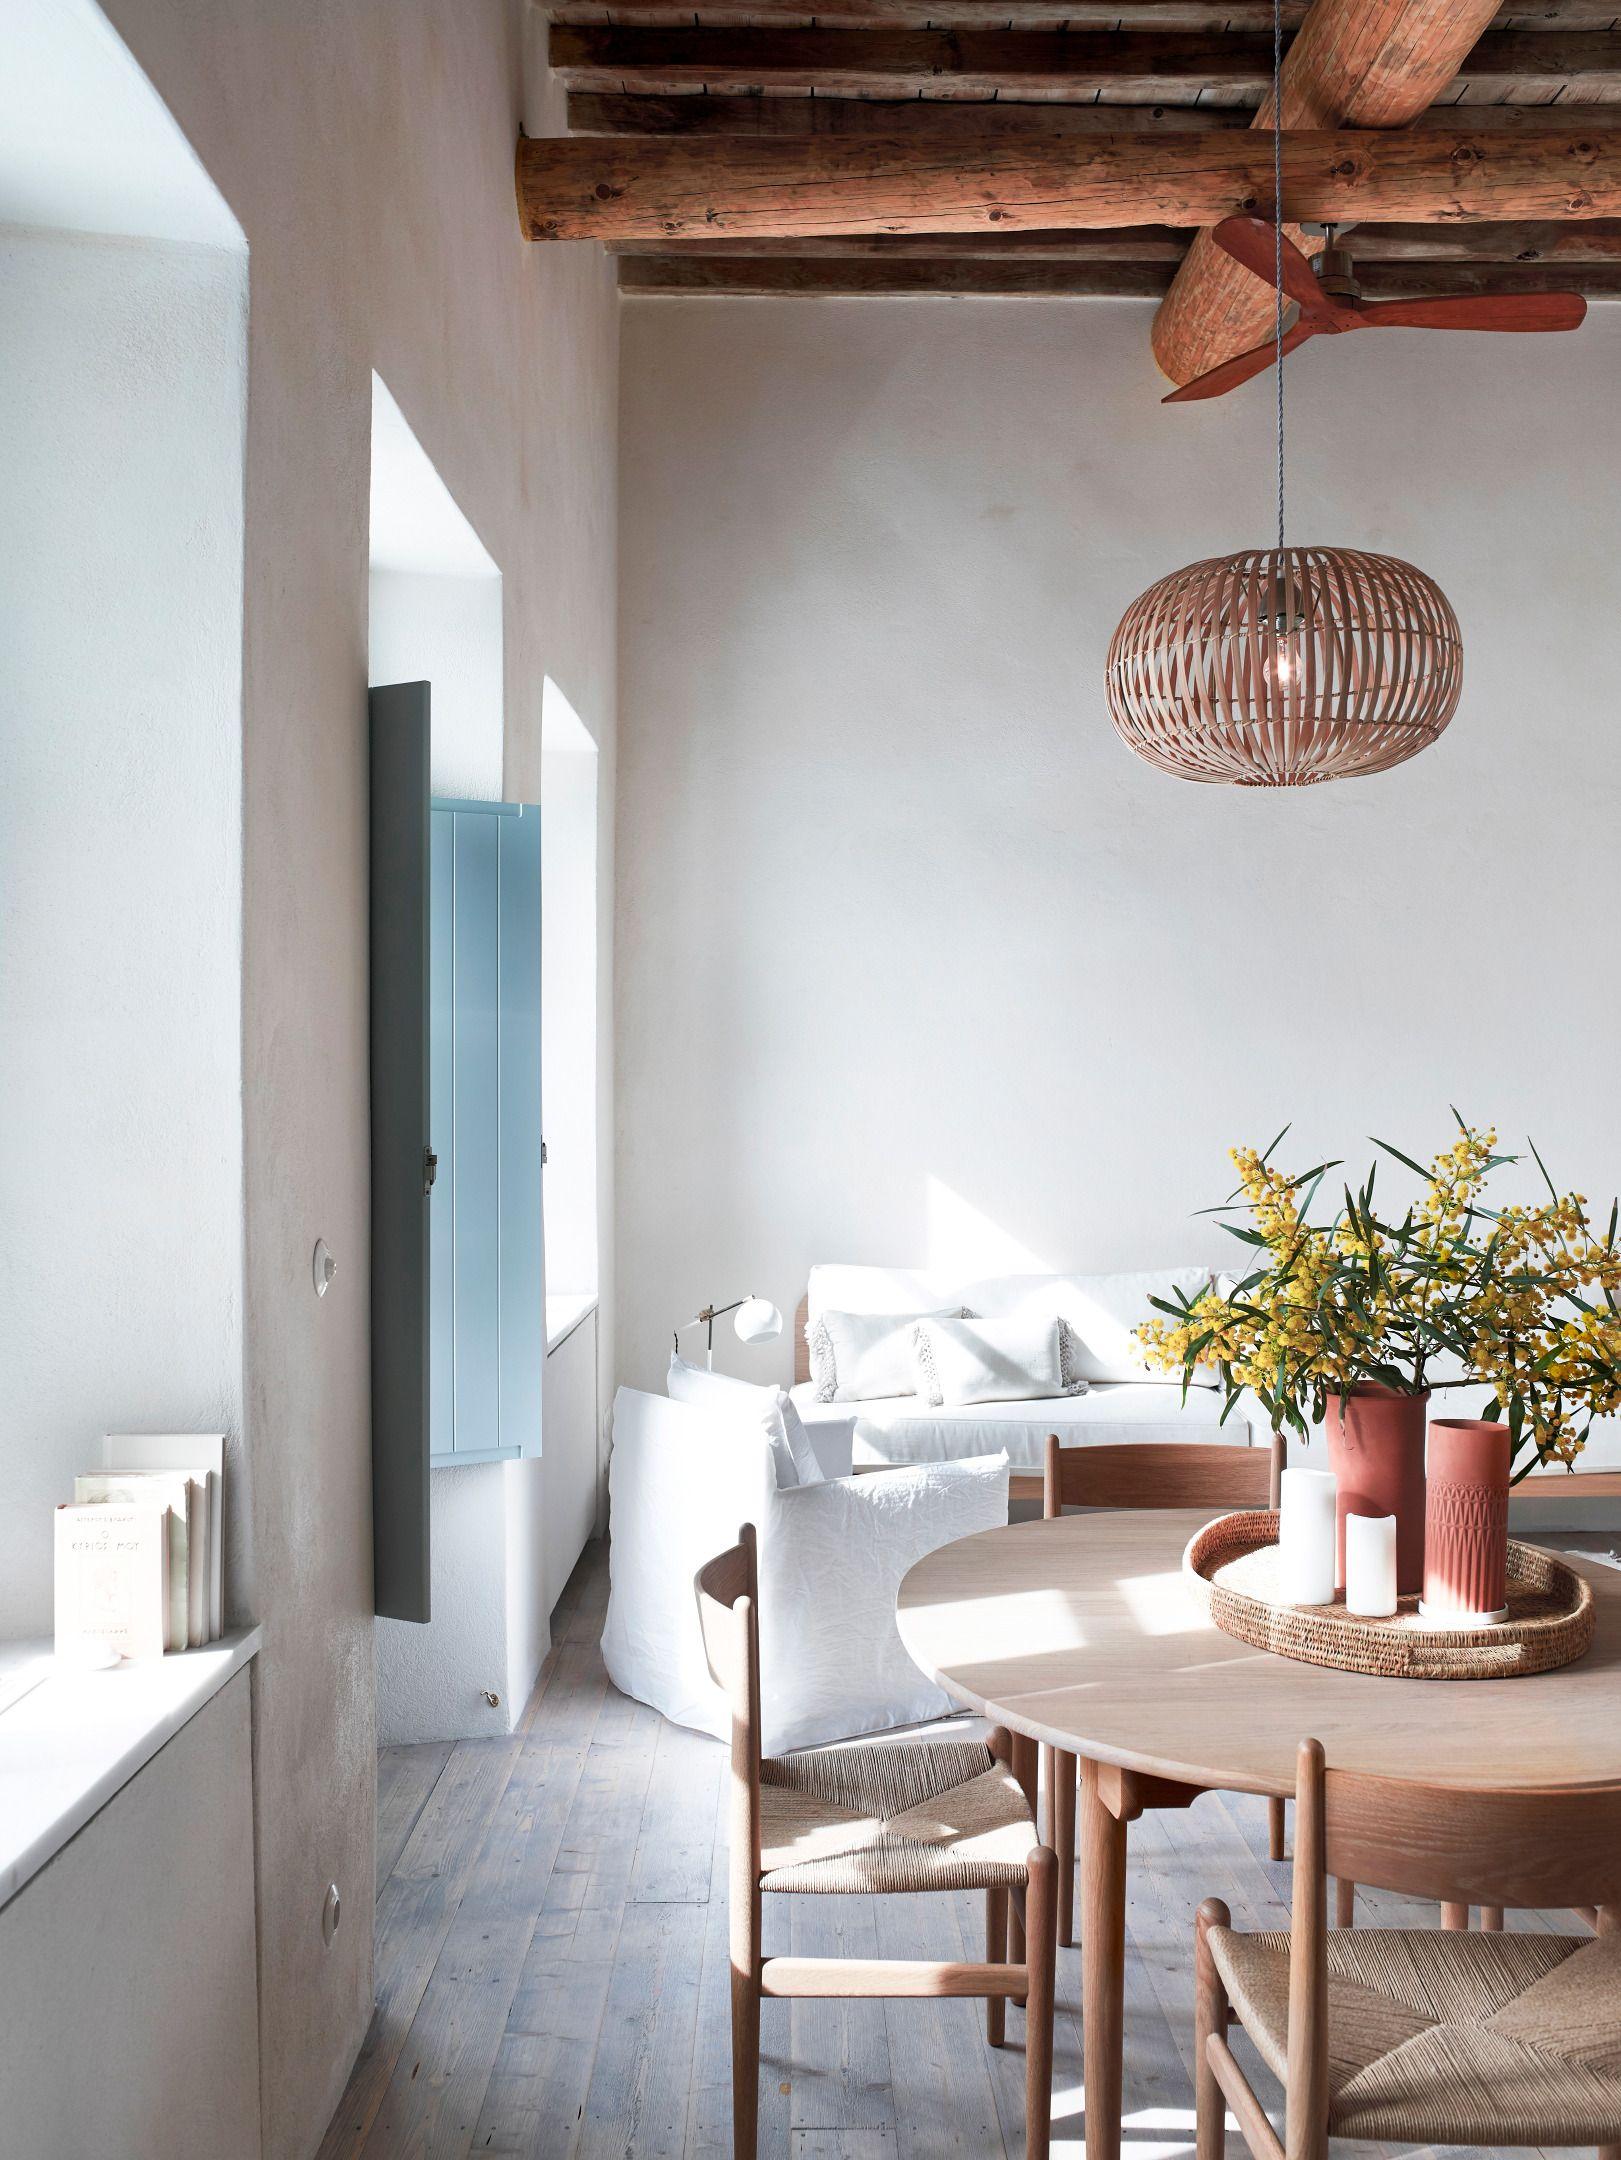 Une maison grecque sur une île - PLANETE DECO a homes world | Casas ...